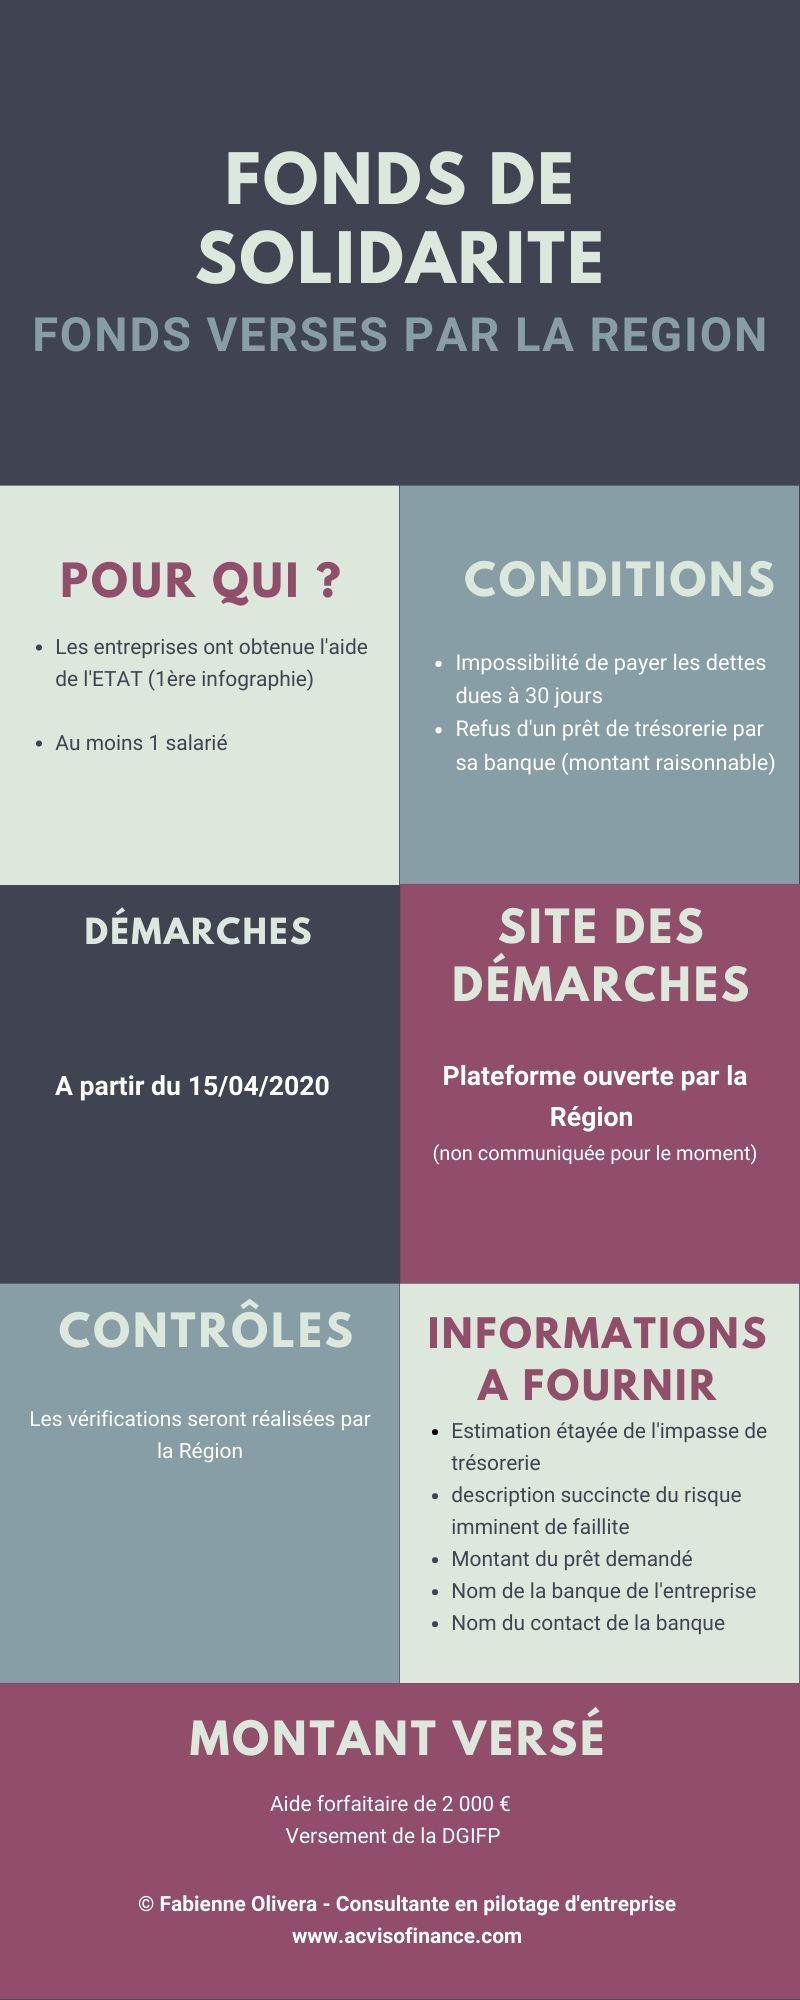 Infographie des informations nécessaires pour le versement de l'aide de la Région pour les petites entreprises